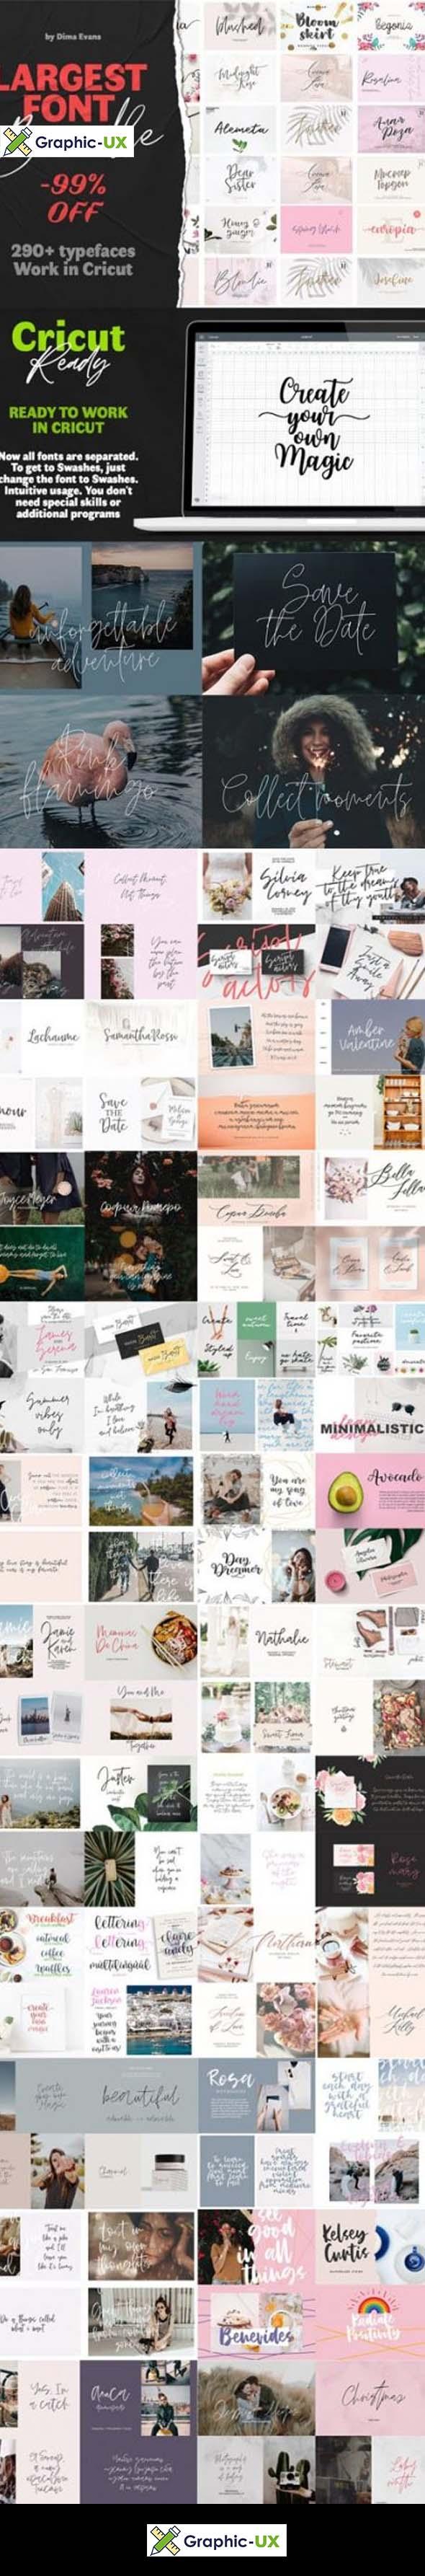 Largest Font Bundle 290+ Typefaces Work in Cricut